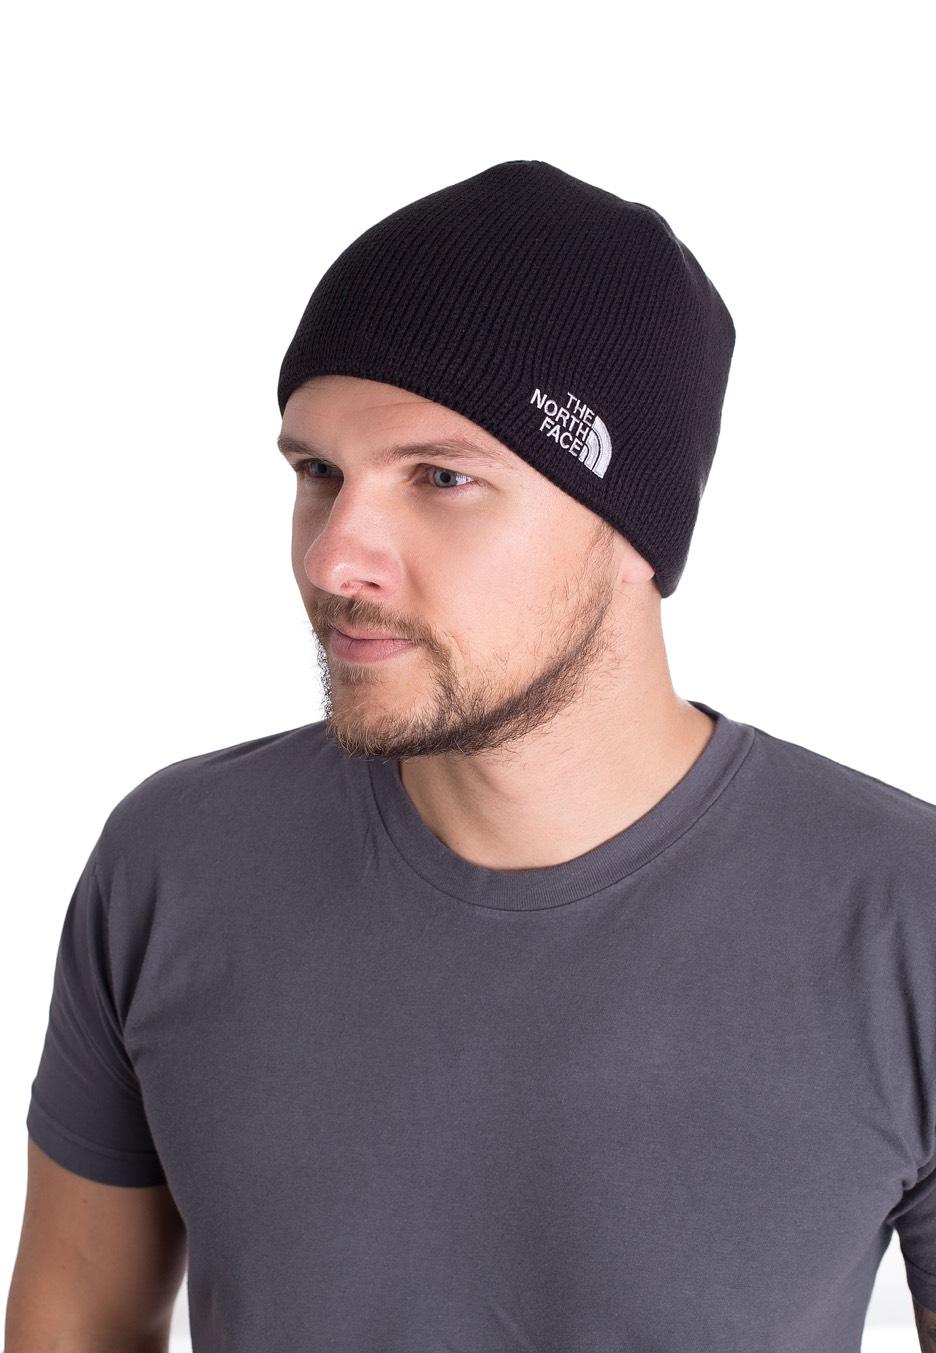 923c1bb7d568a The North Face - Bones - Bonnet - Boutique streetwear - Impericon.com FR